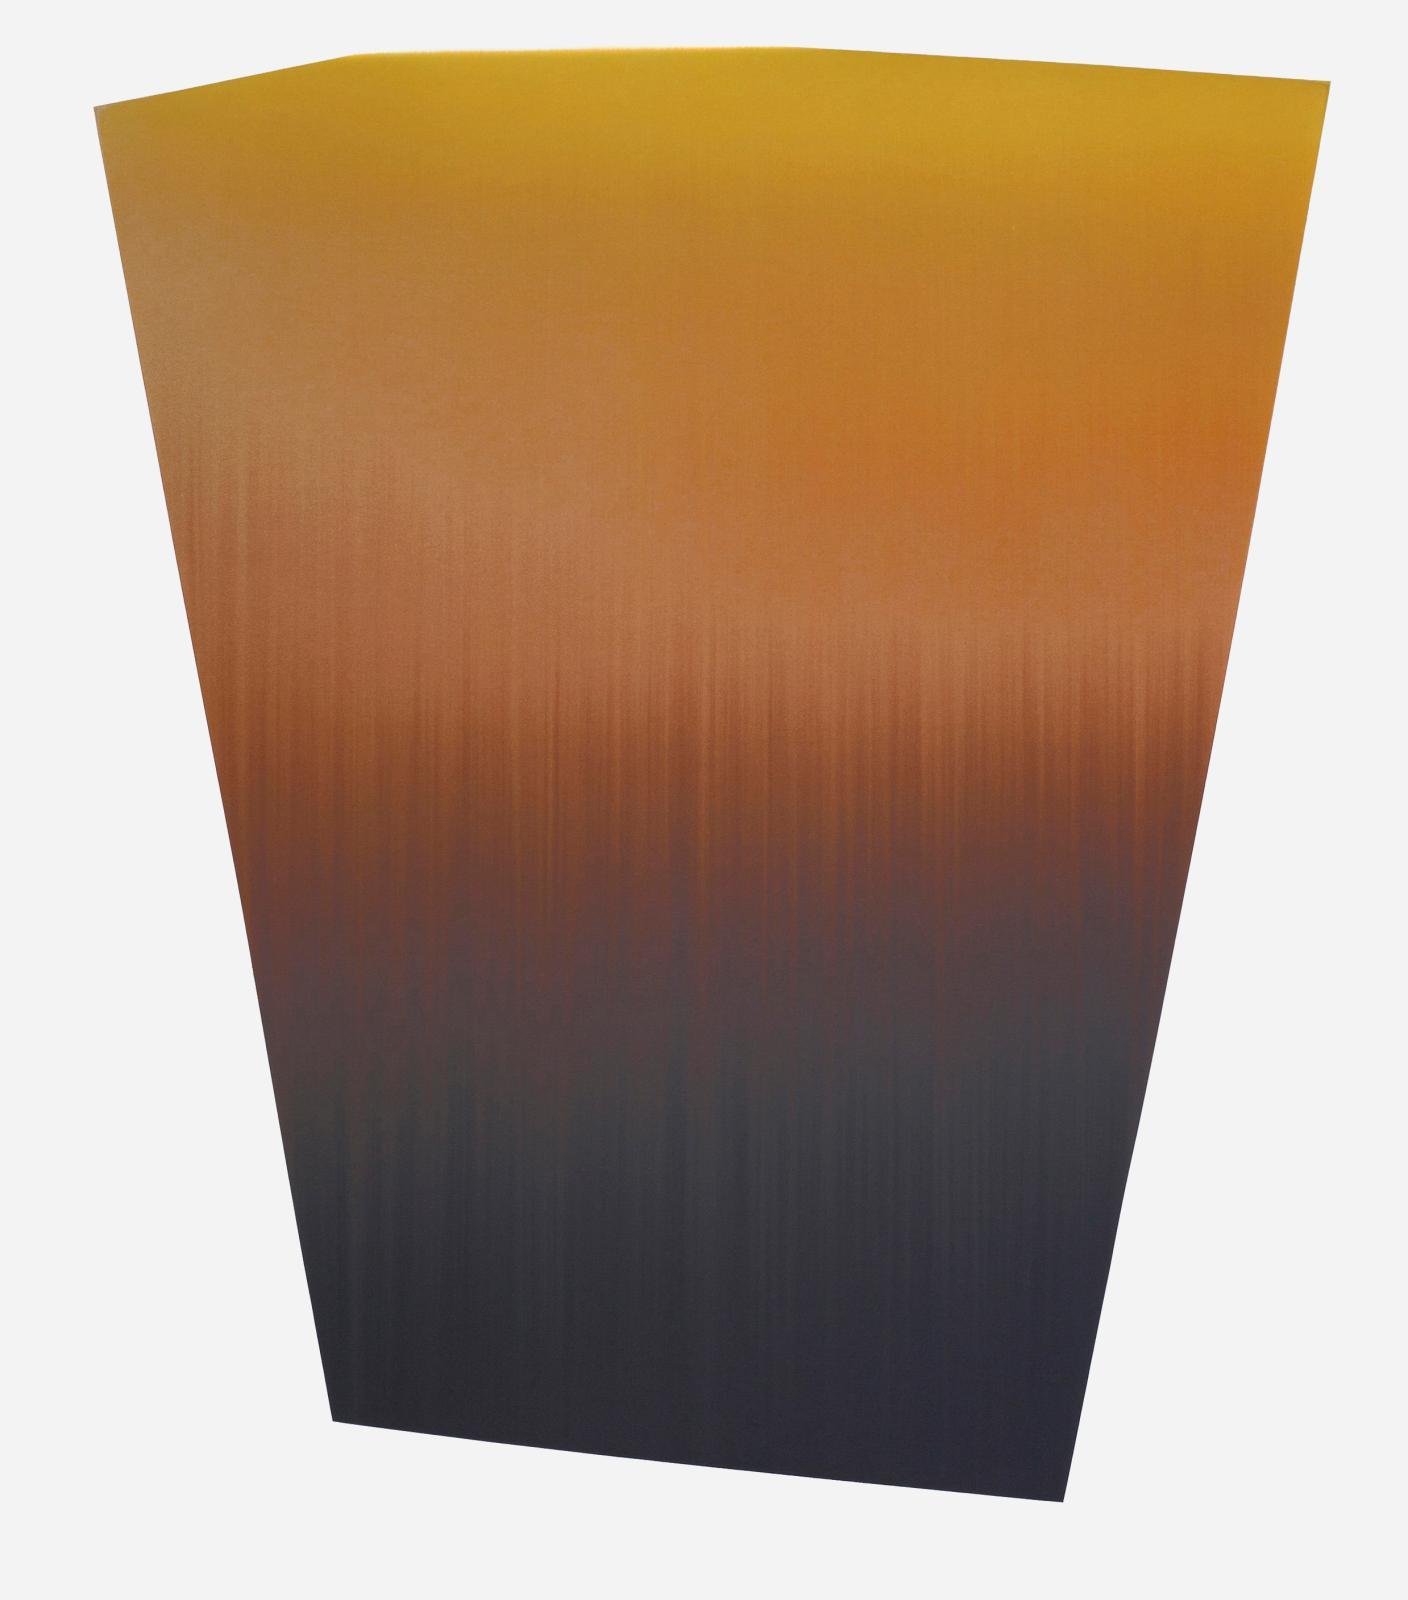 Claire Chesnier, CCLXXXVIII, 2014, encre sur papier, 147 x 132,5 cm. © collection Jacques Deret